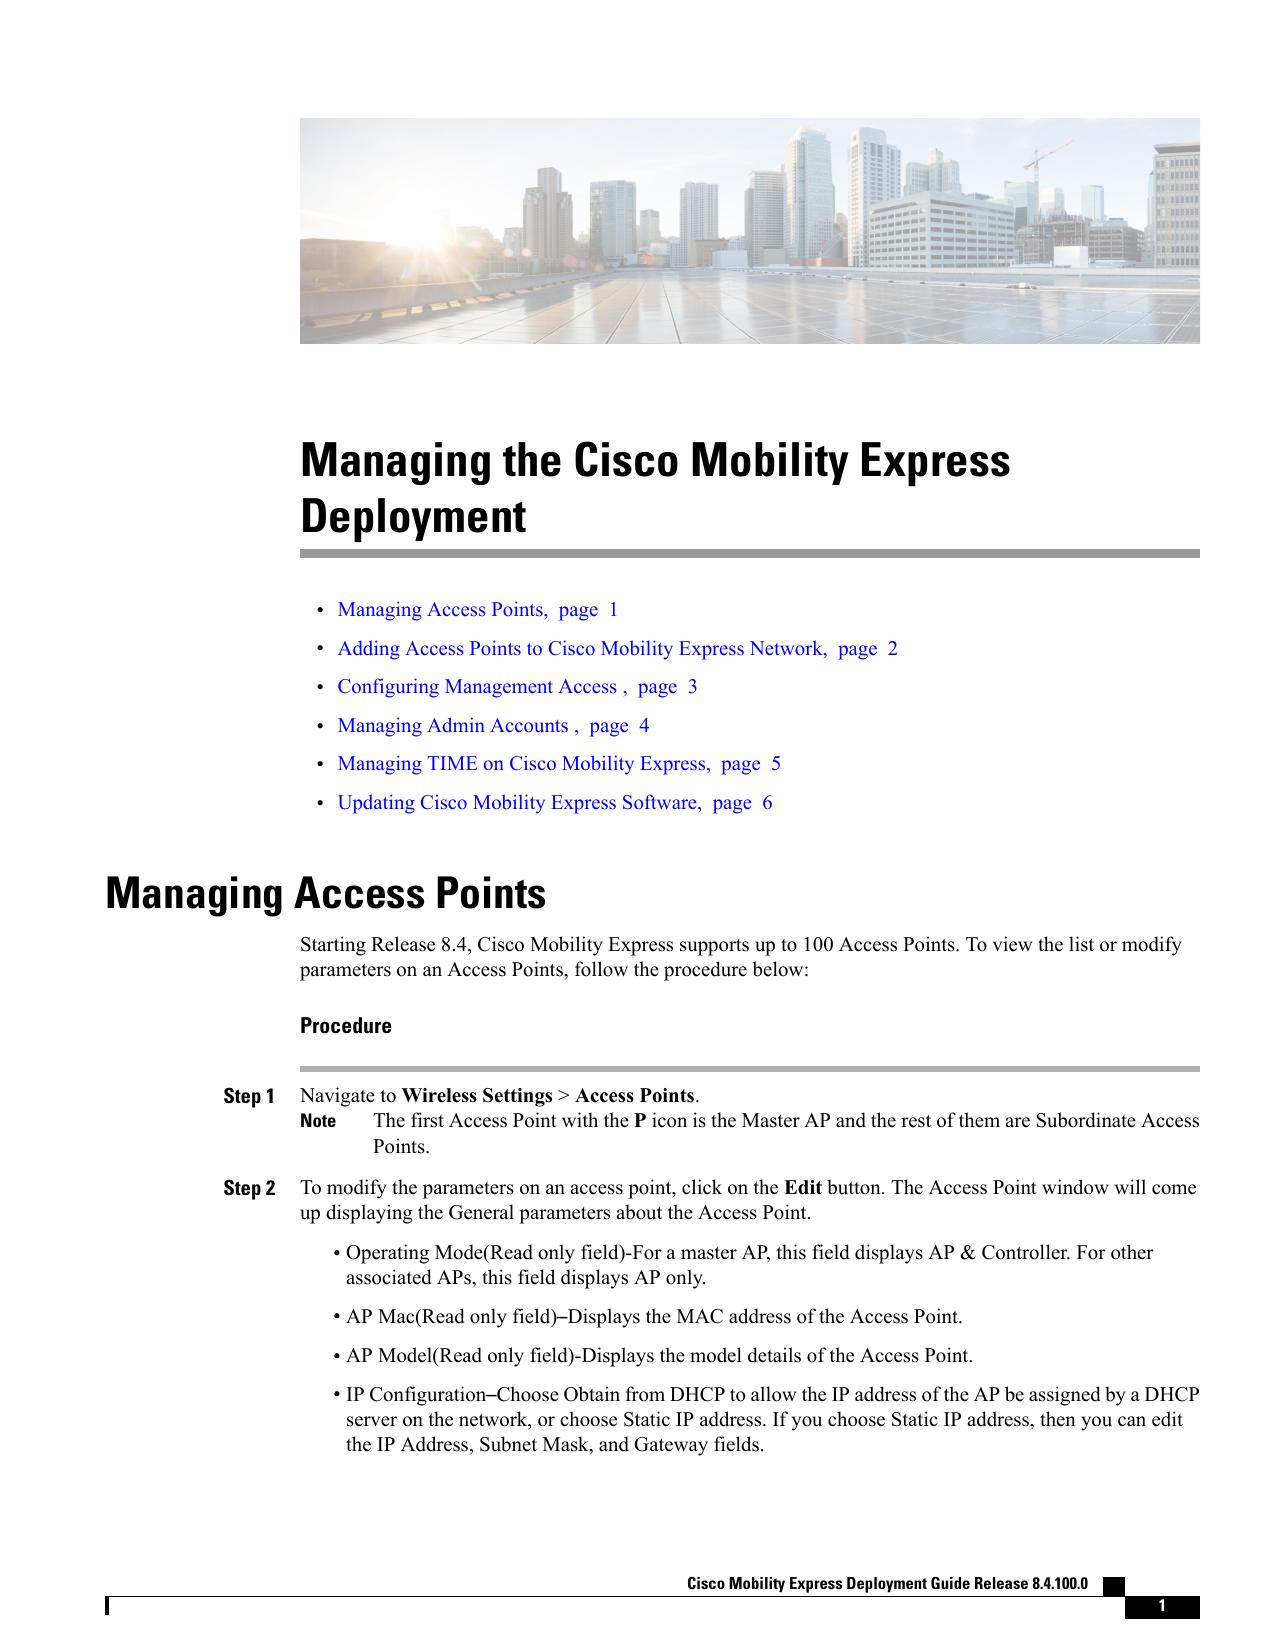 Managing the Cisco Mobility Express Deployment | manualzz com